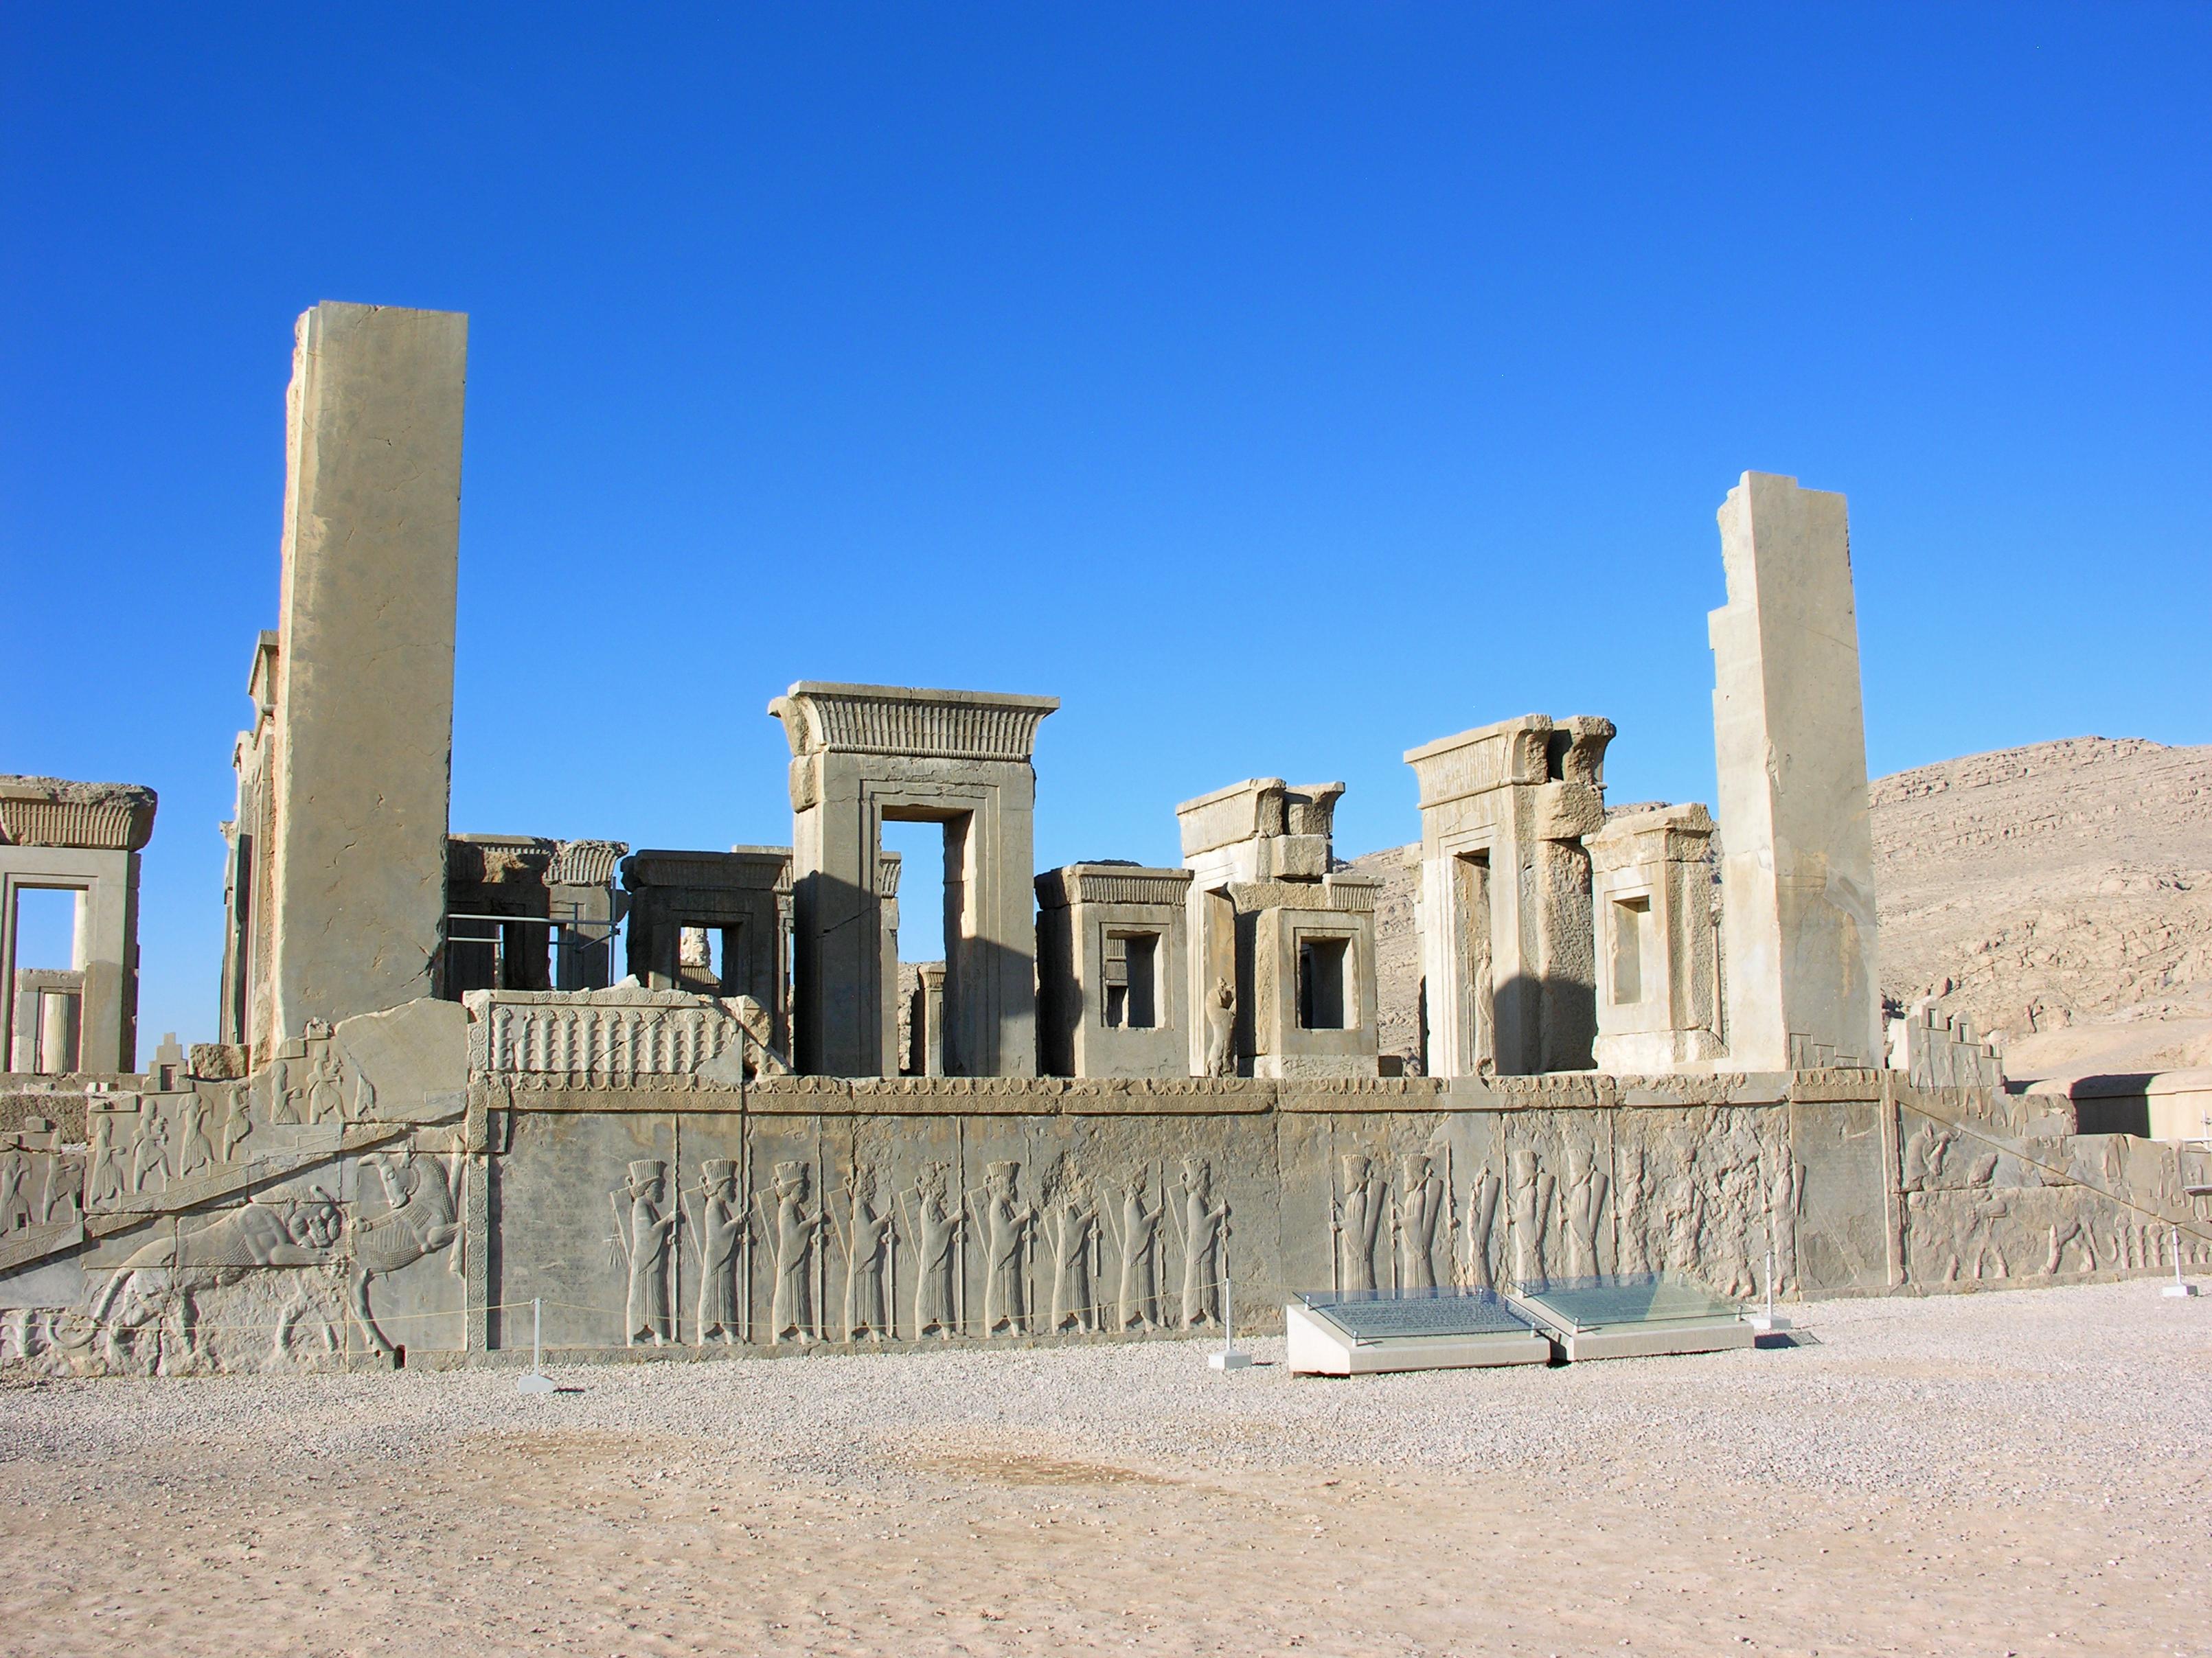 external image Persepolis_24.11.2009_11-44-53.jpg